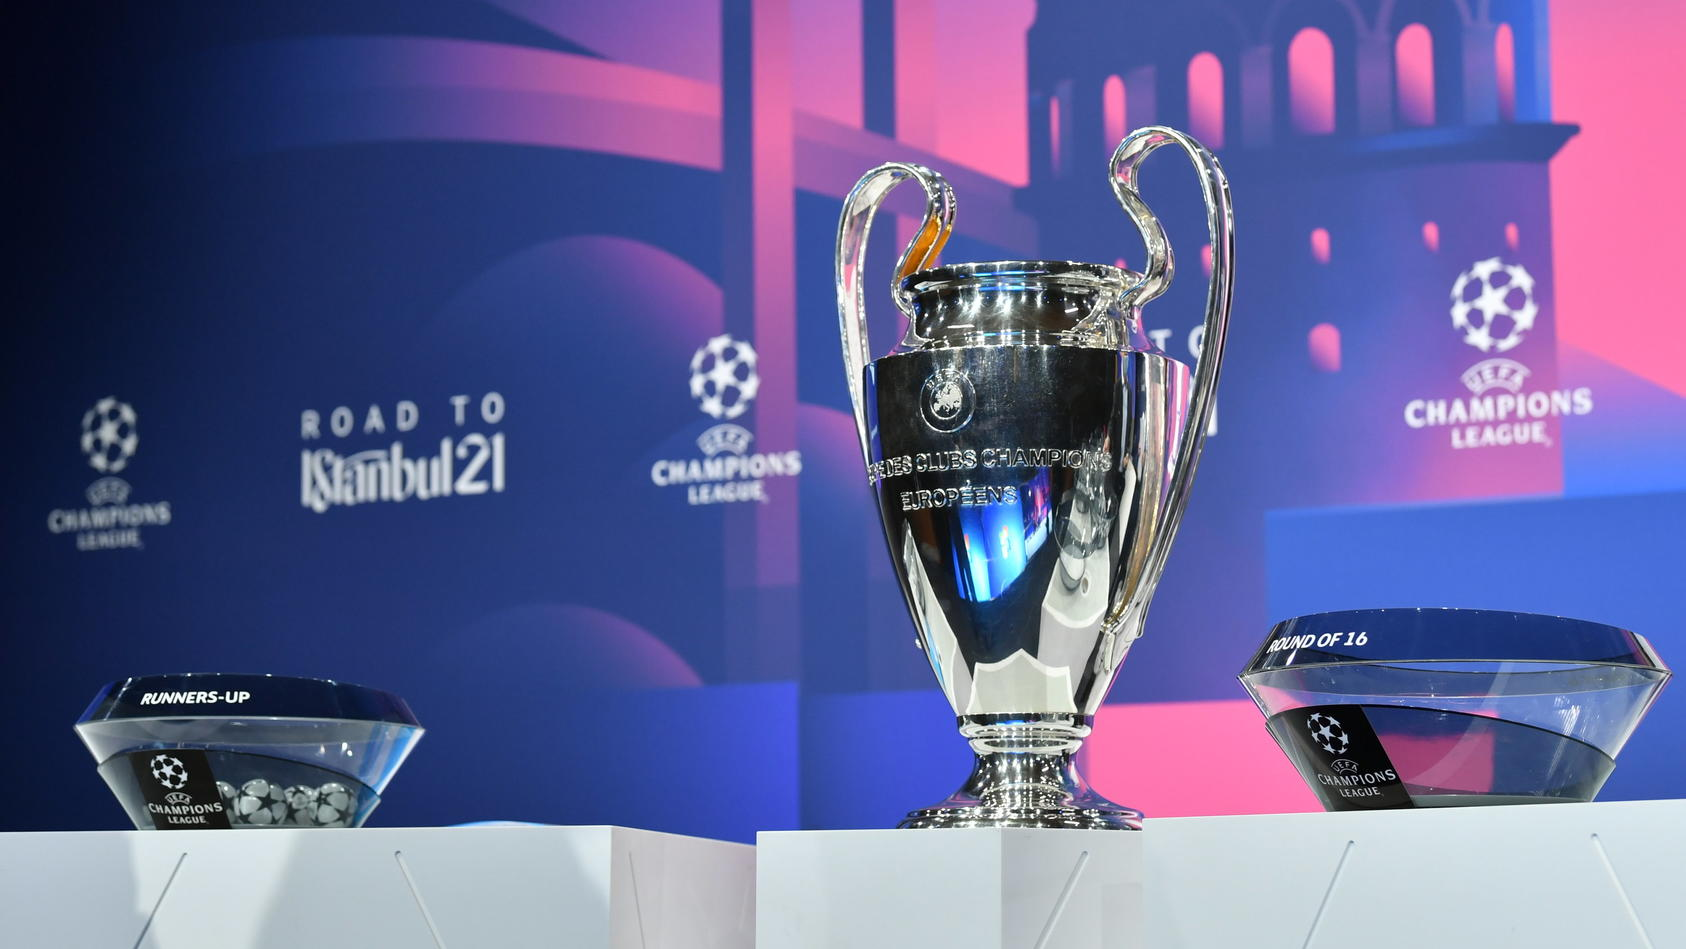 Der Champions-League-Pokal. Ist in der Königsklasse bald nichts mehr, wie wir es kennen?